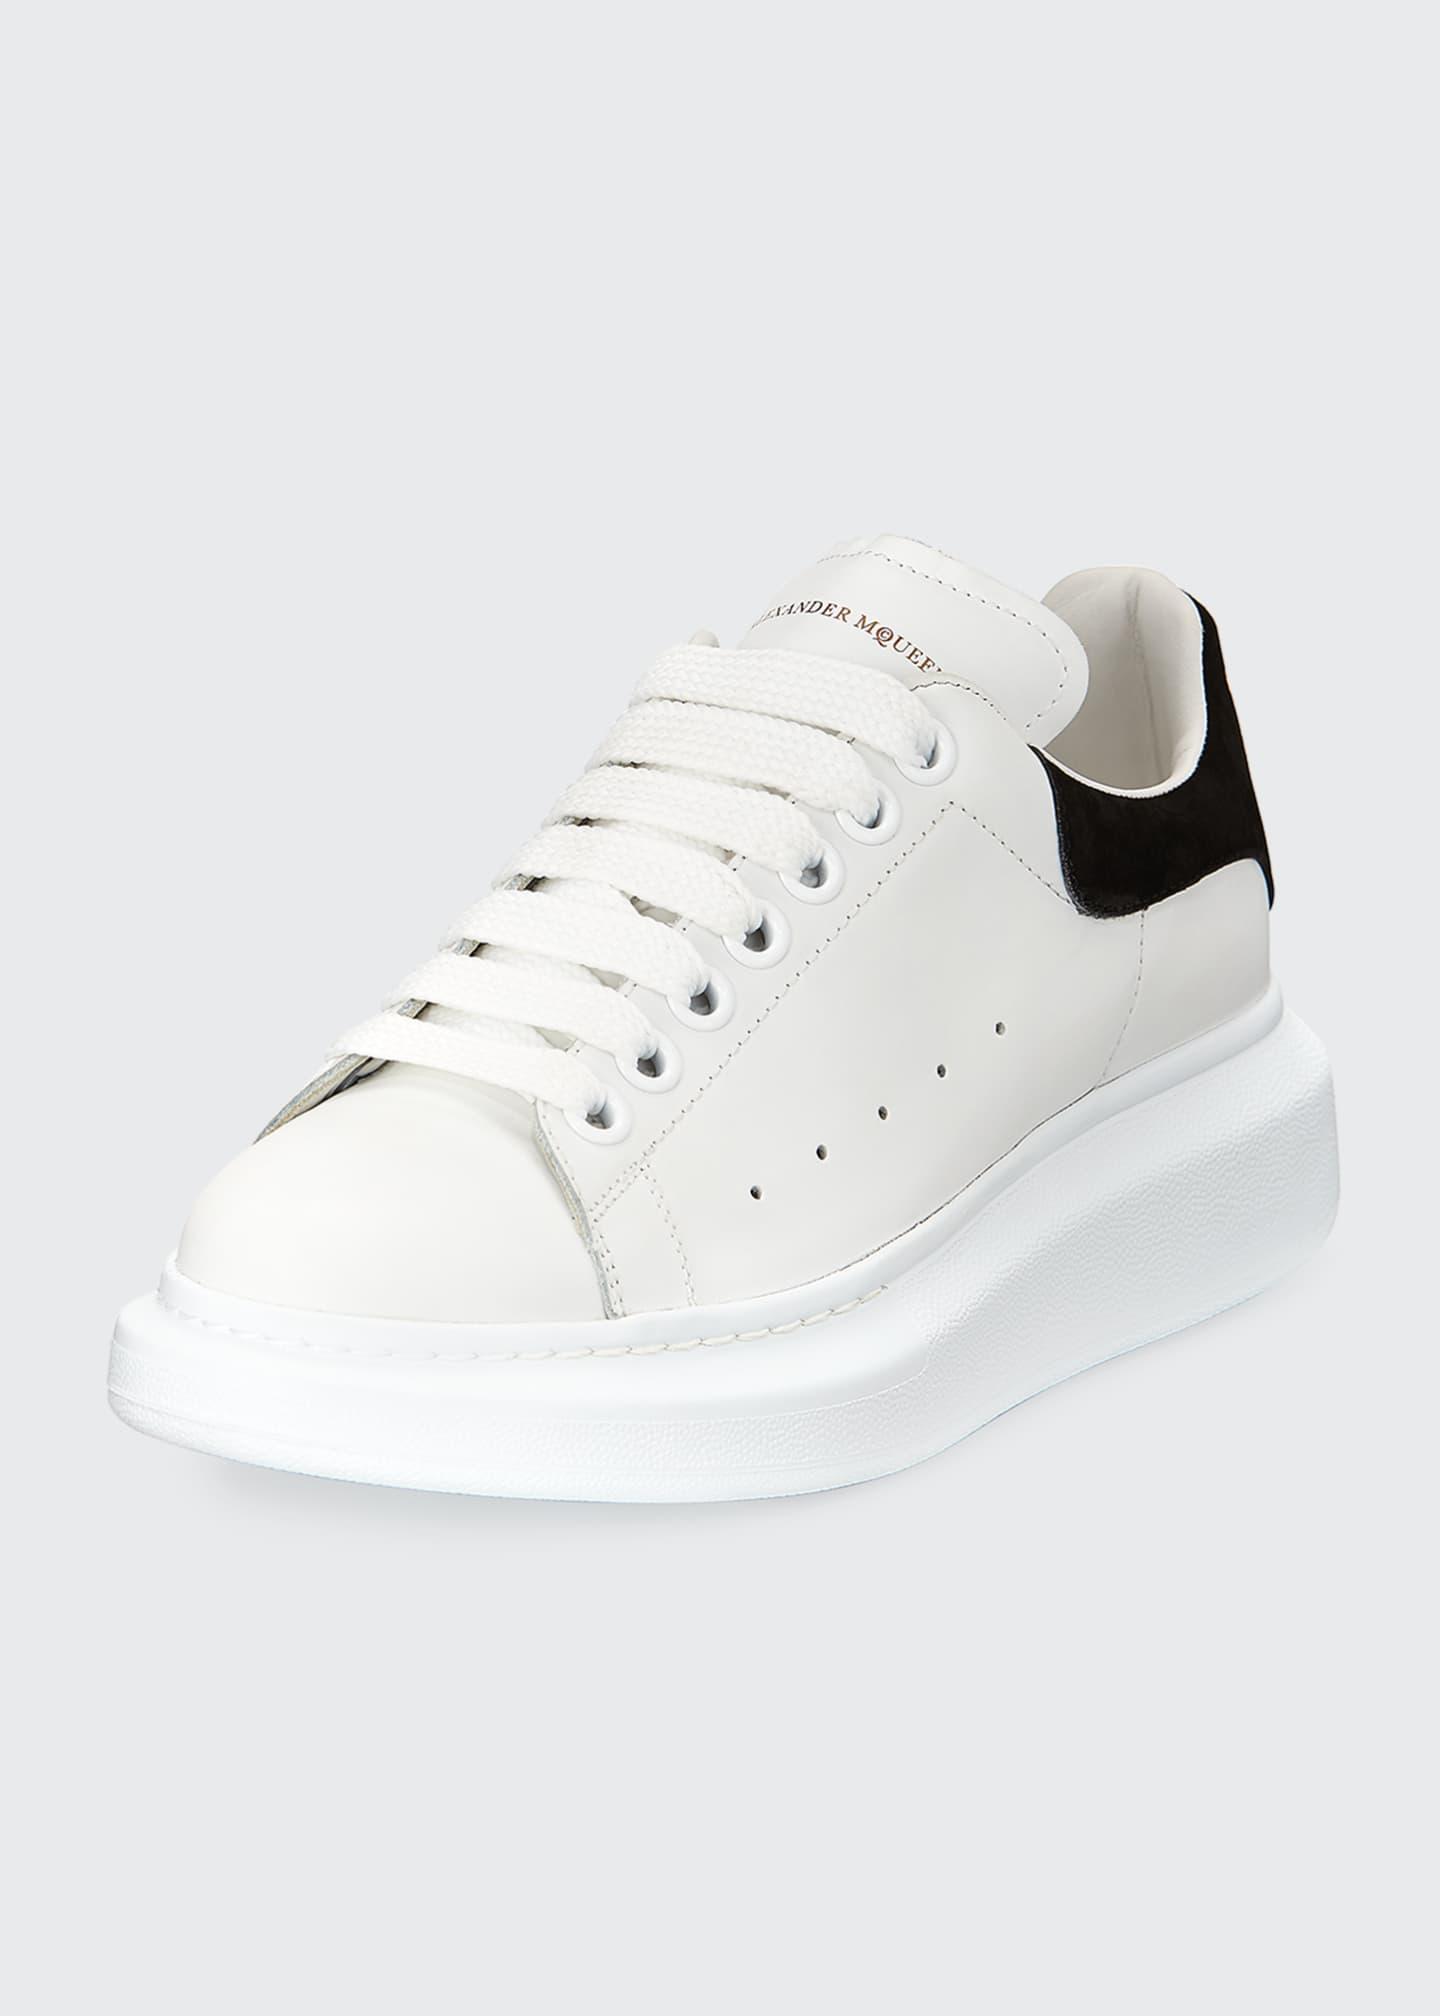 麦昆黑尾小白鞋